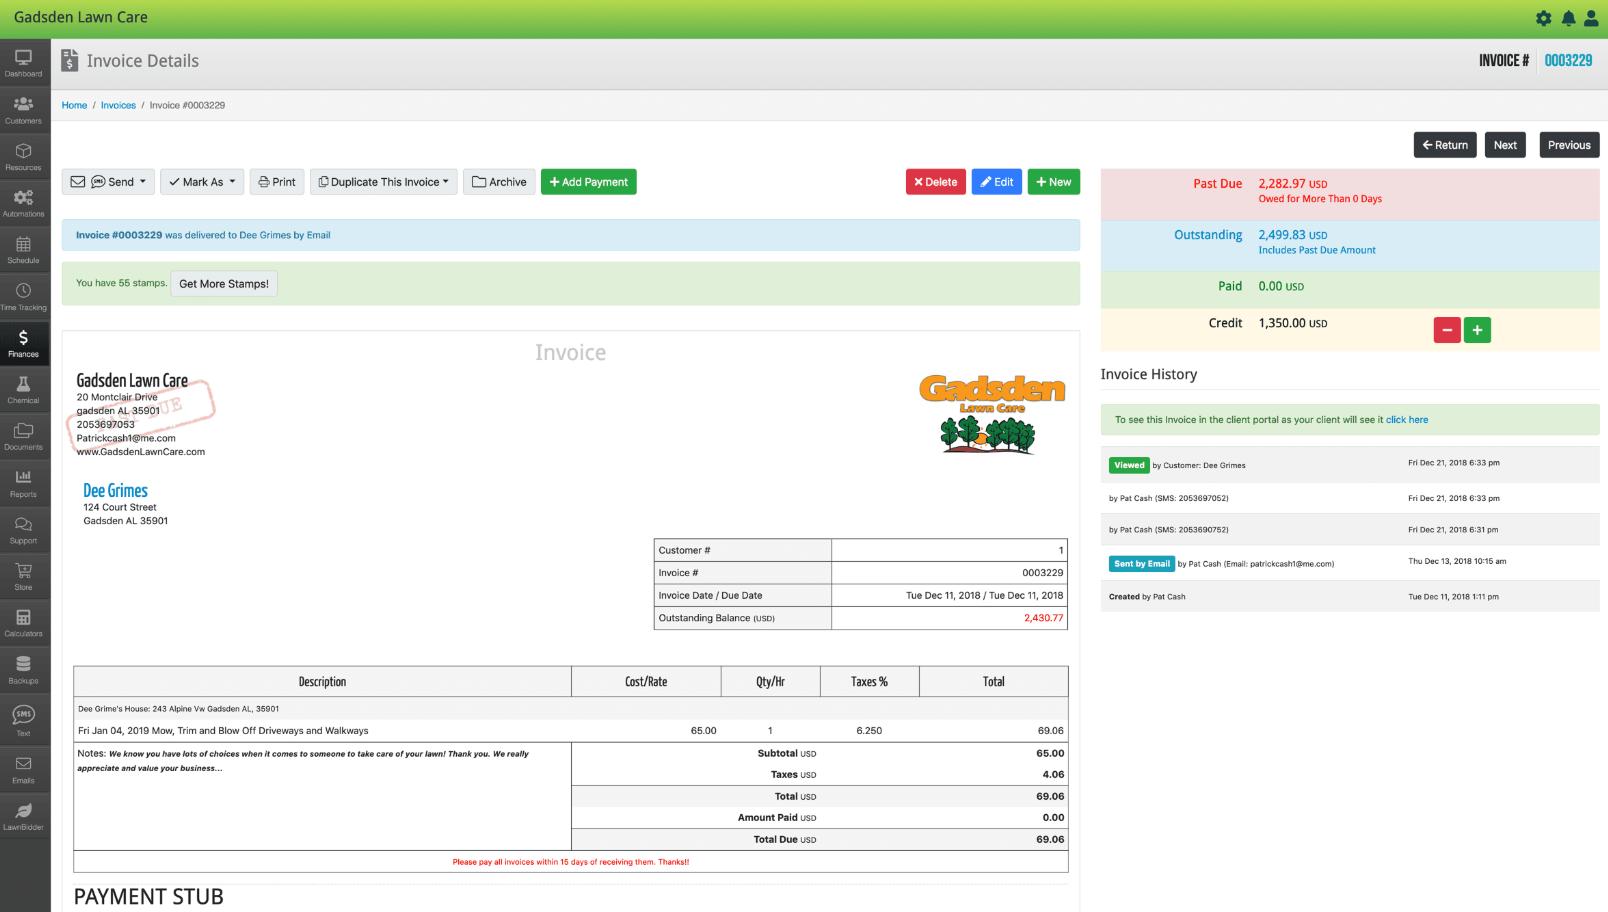 LawnPro invoice details